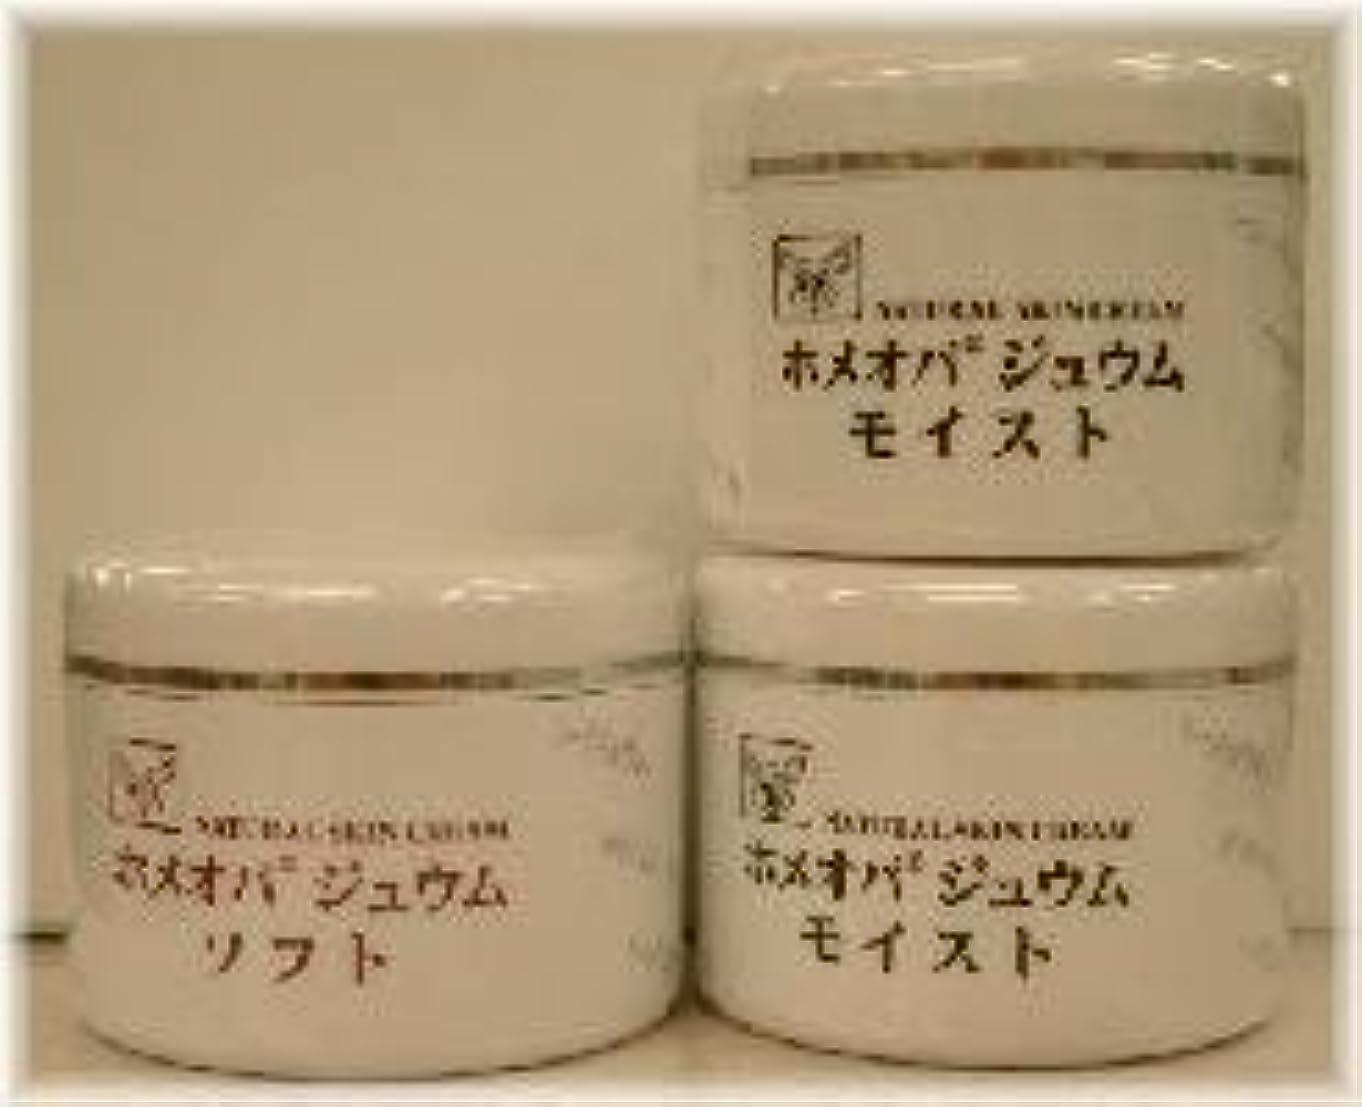 バルクシールなのでホメオパジュウム スキンケア商品3点 ¥10500クリームモイスト2個+クリームソフト